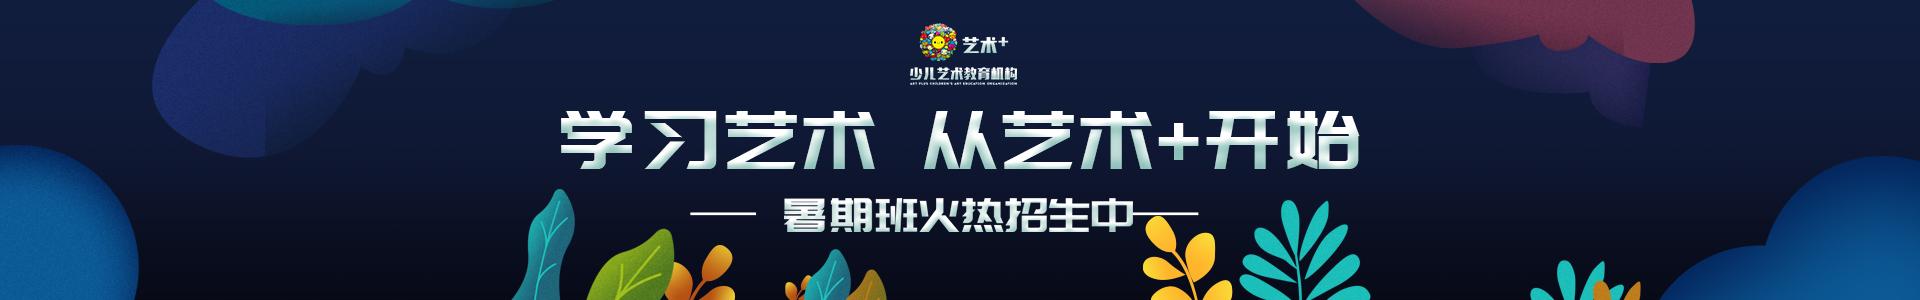 深圳艺术+少儿艺术教育机构